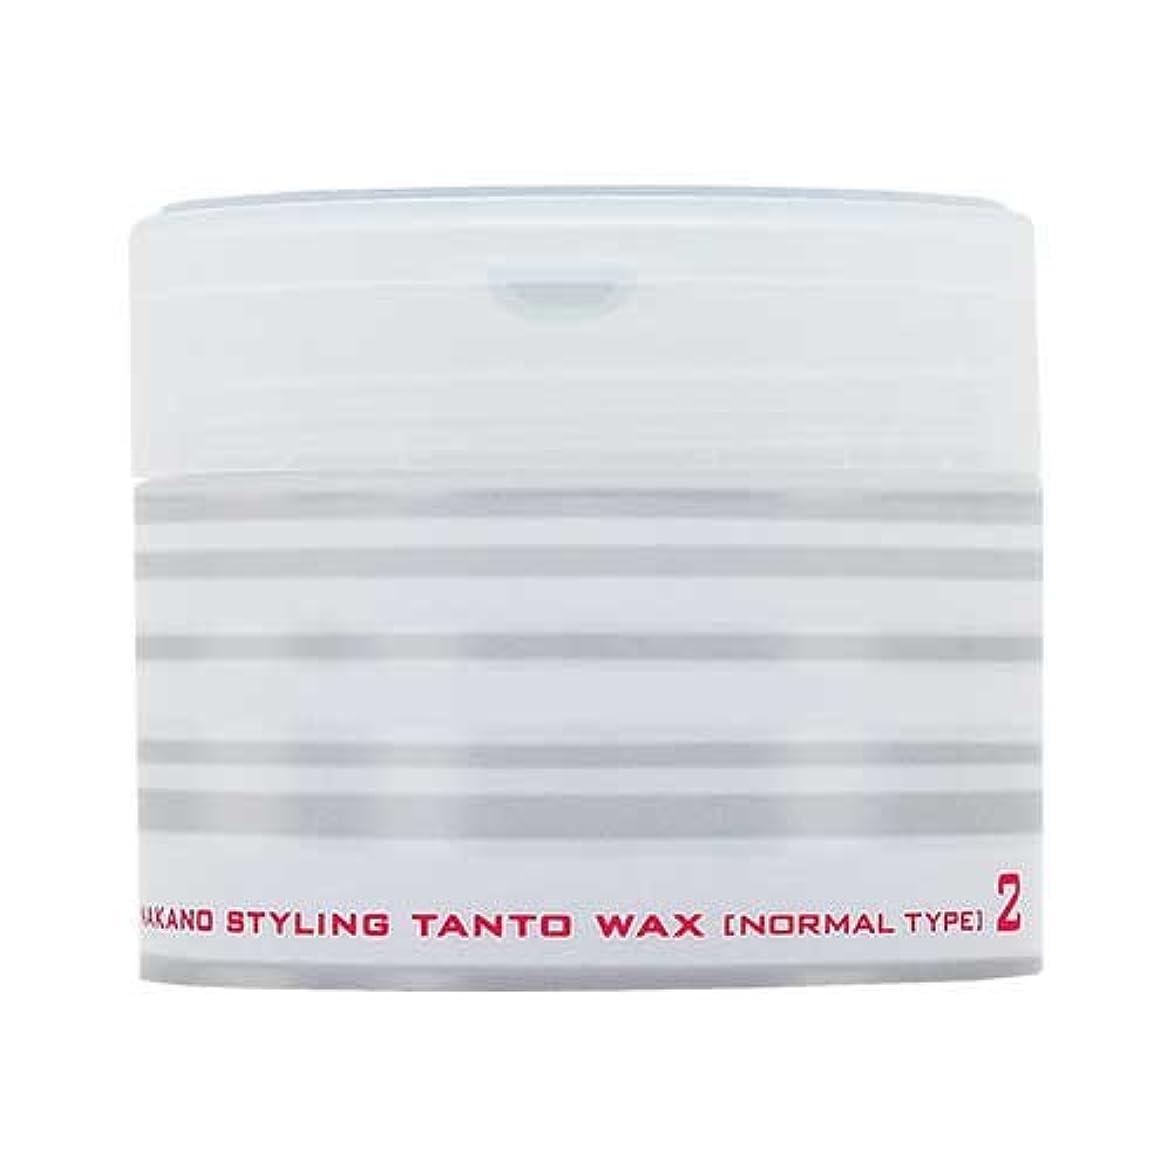 あまりにもリングバックシニスナカノ スタイリング タントN ワックス 2 ノーマルタイプ 90g 中野製薬 NAKANO